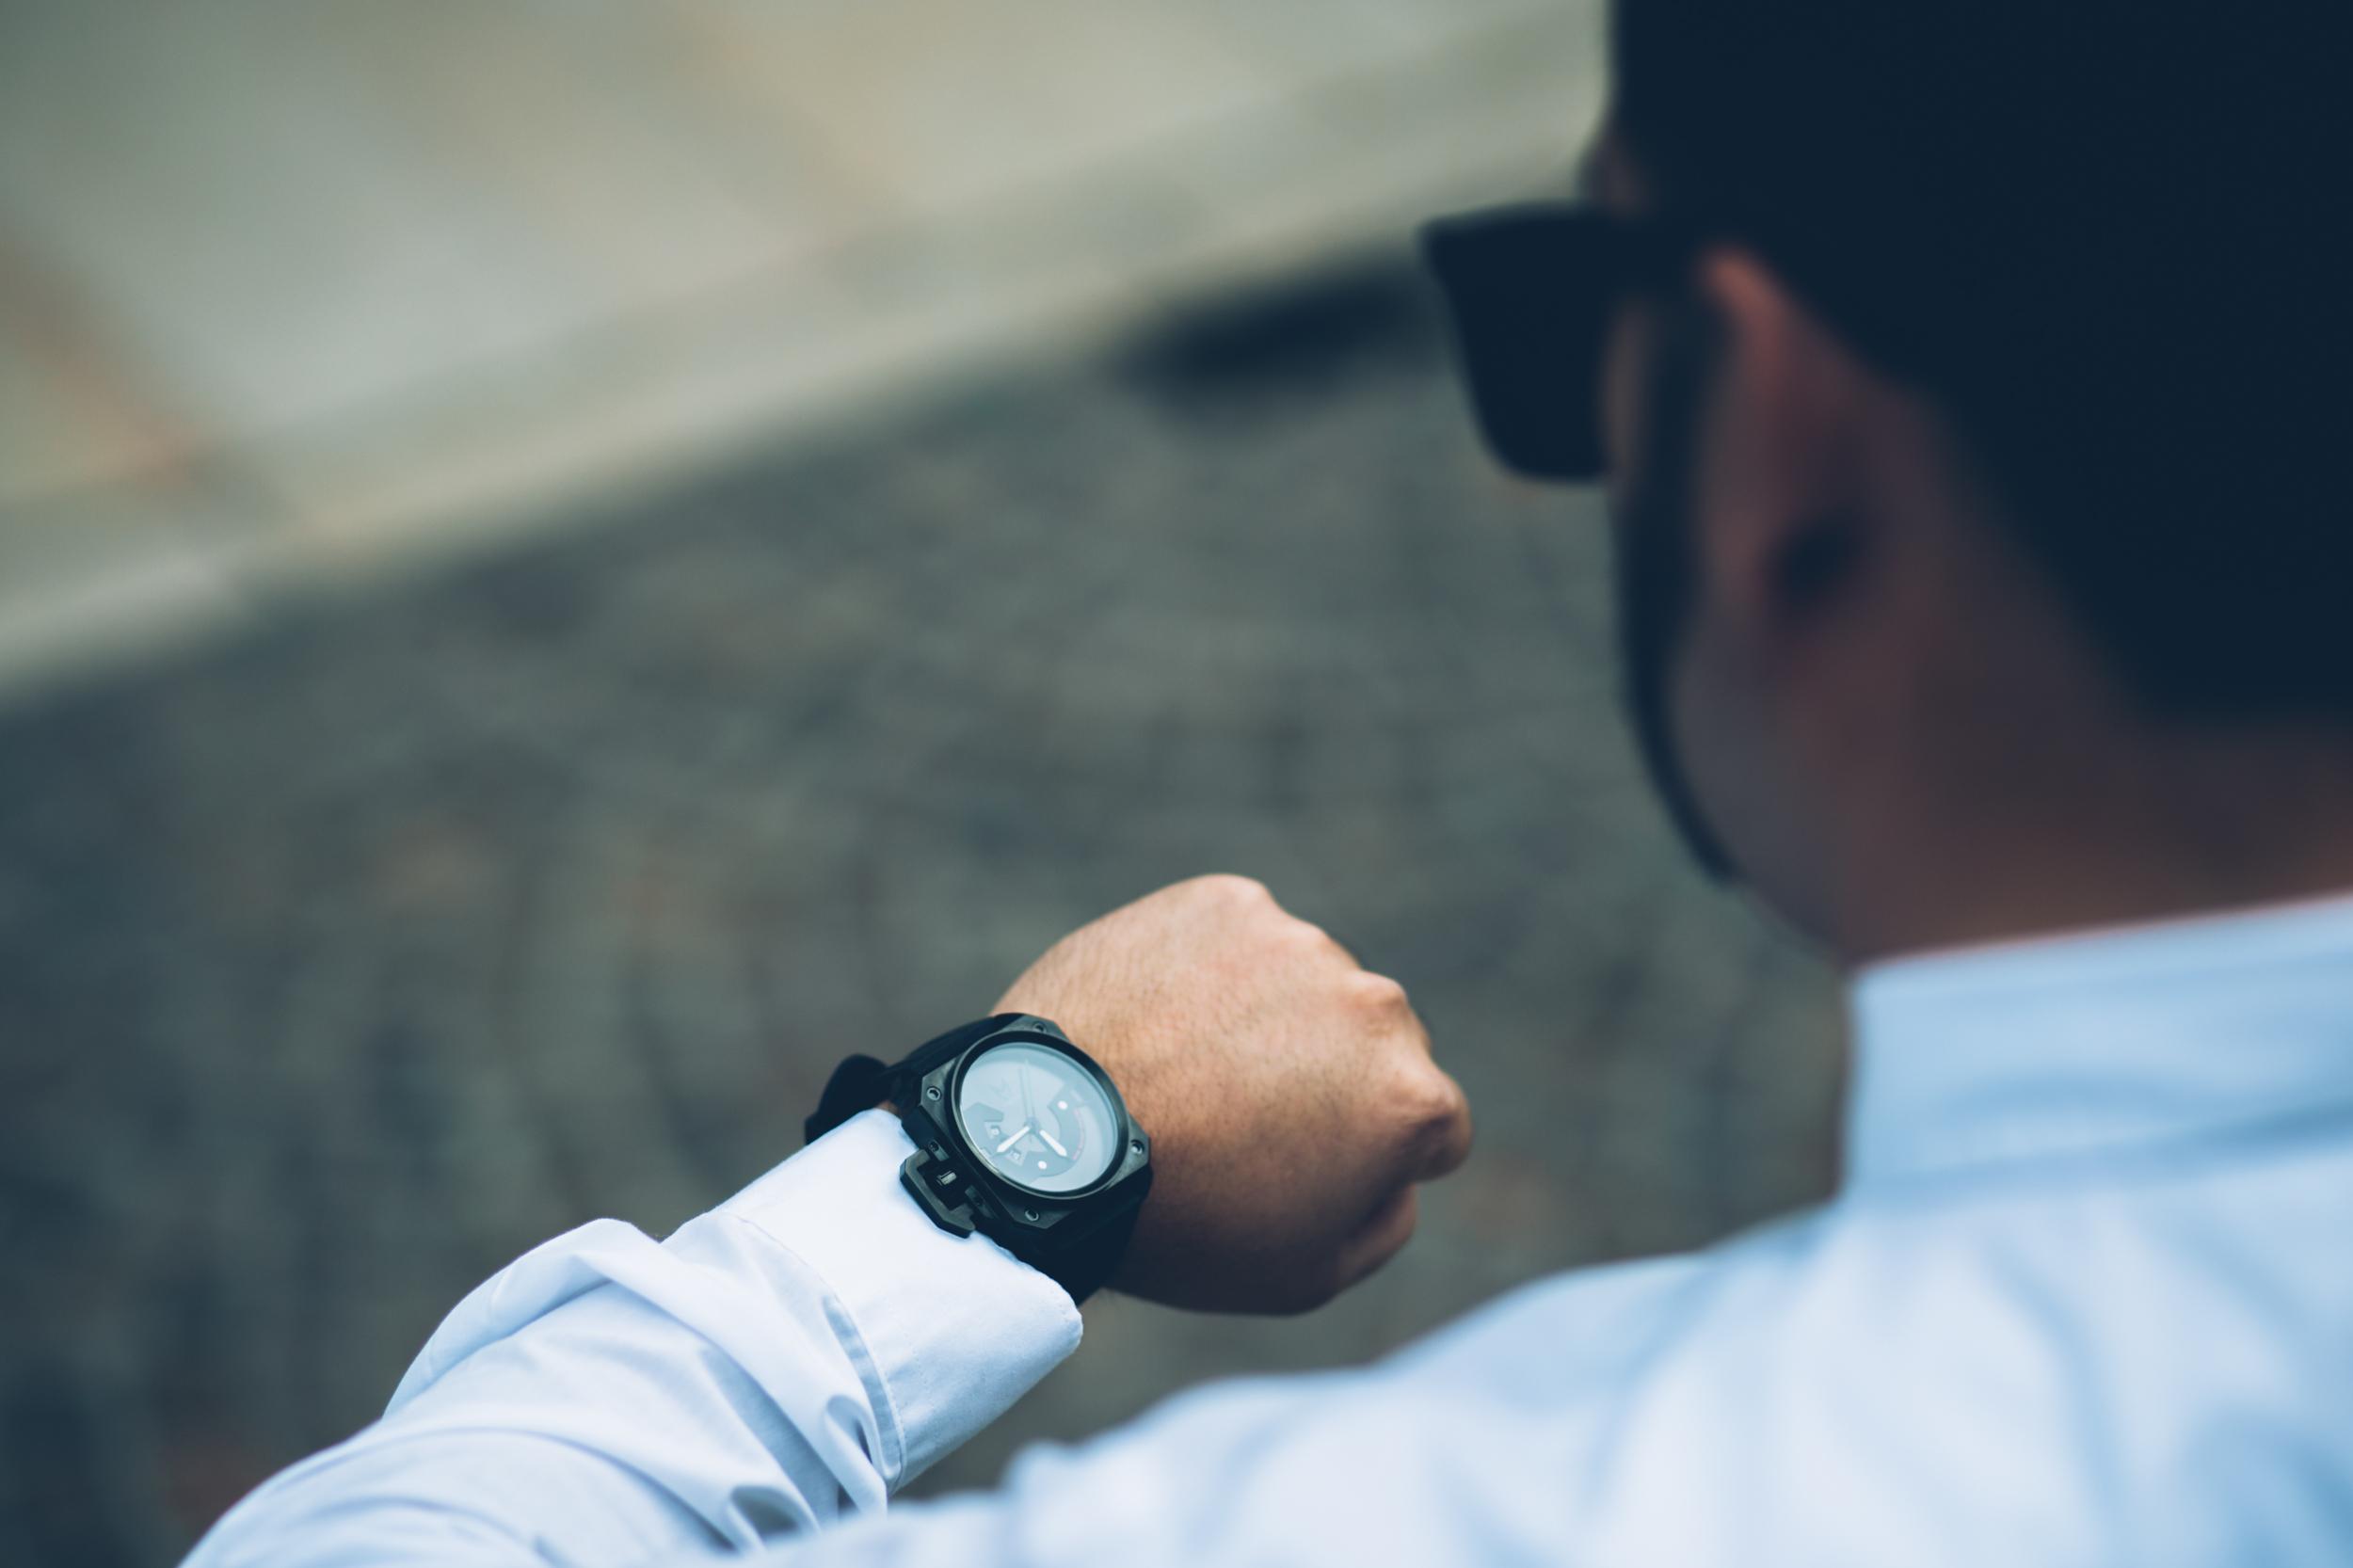 Watch: MSTR Watches